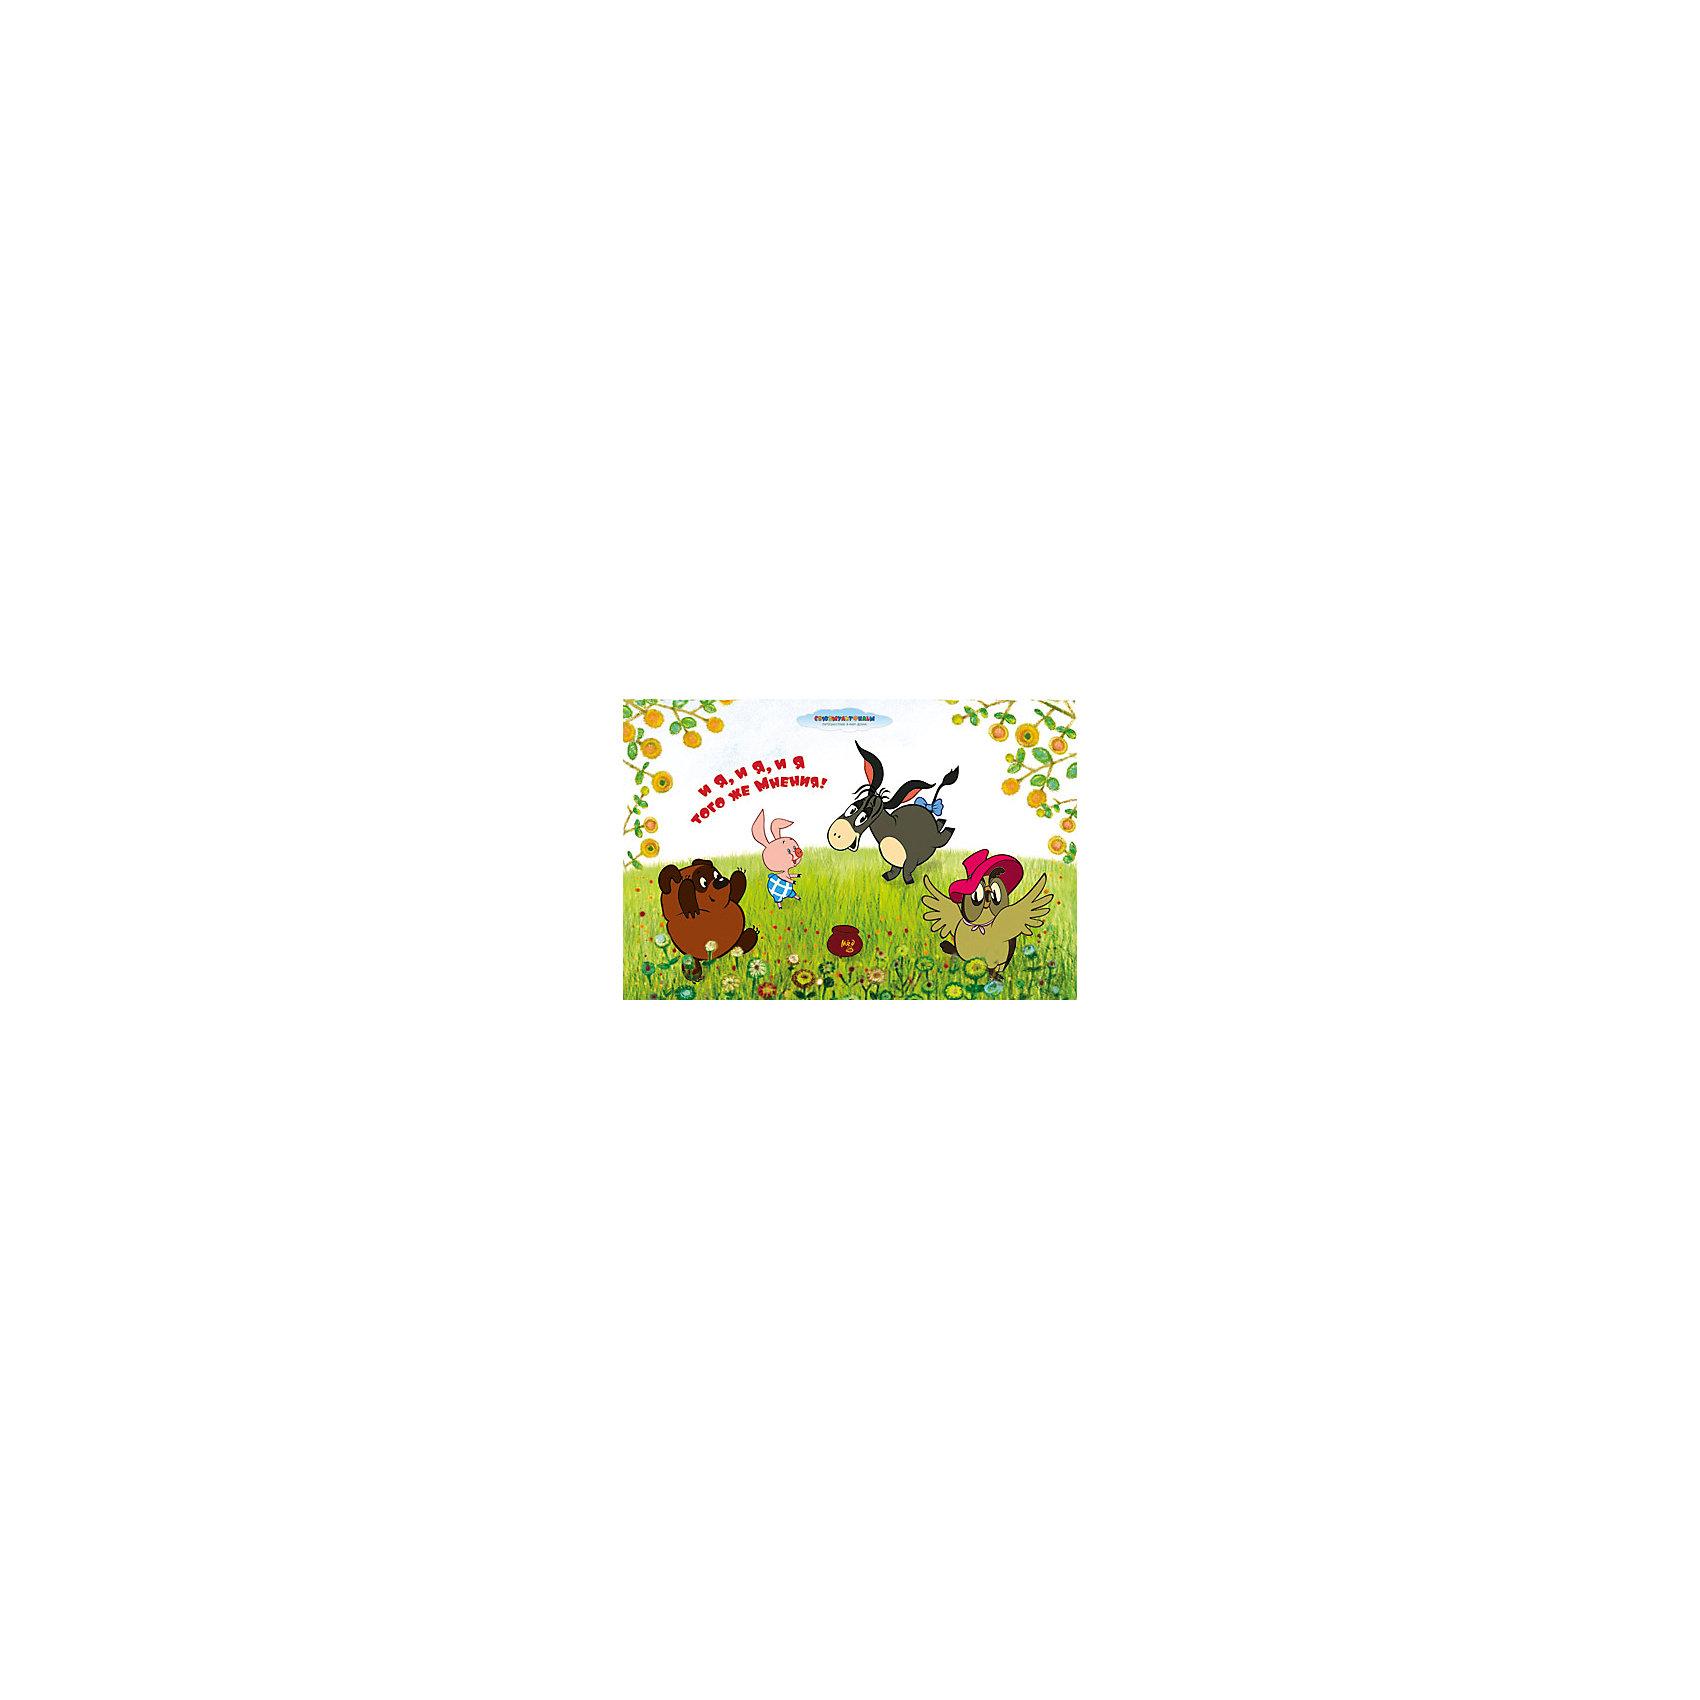 МФК-профит Настольная салфетка «ВИННИ ПУХ - День рождения Иа» 44х28 см, дизайн 3Д кальян 3д модель